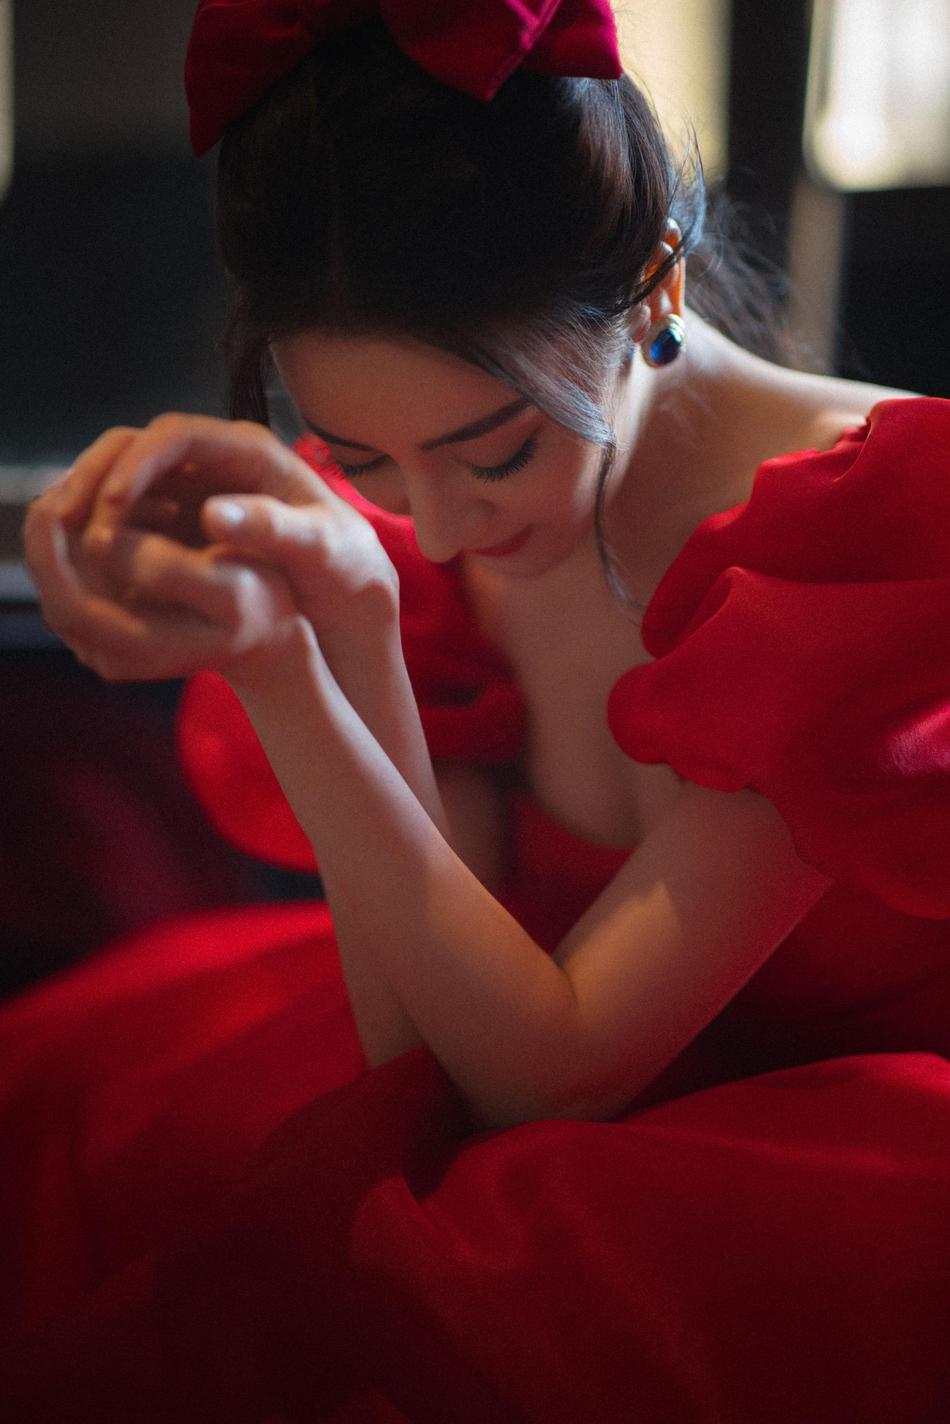 迪丽热巴红色长裙美艳动人写真